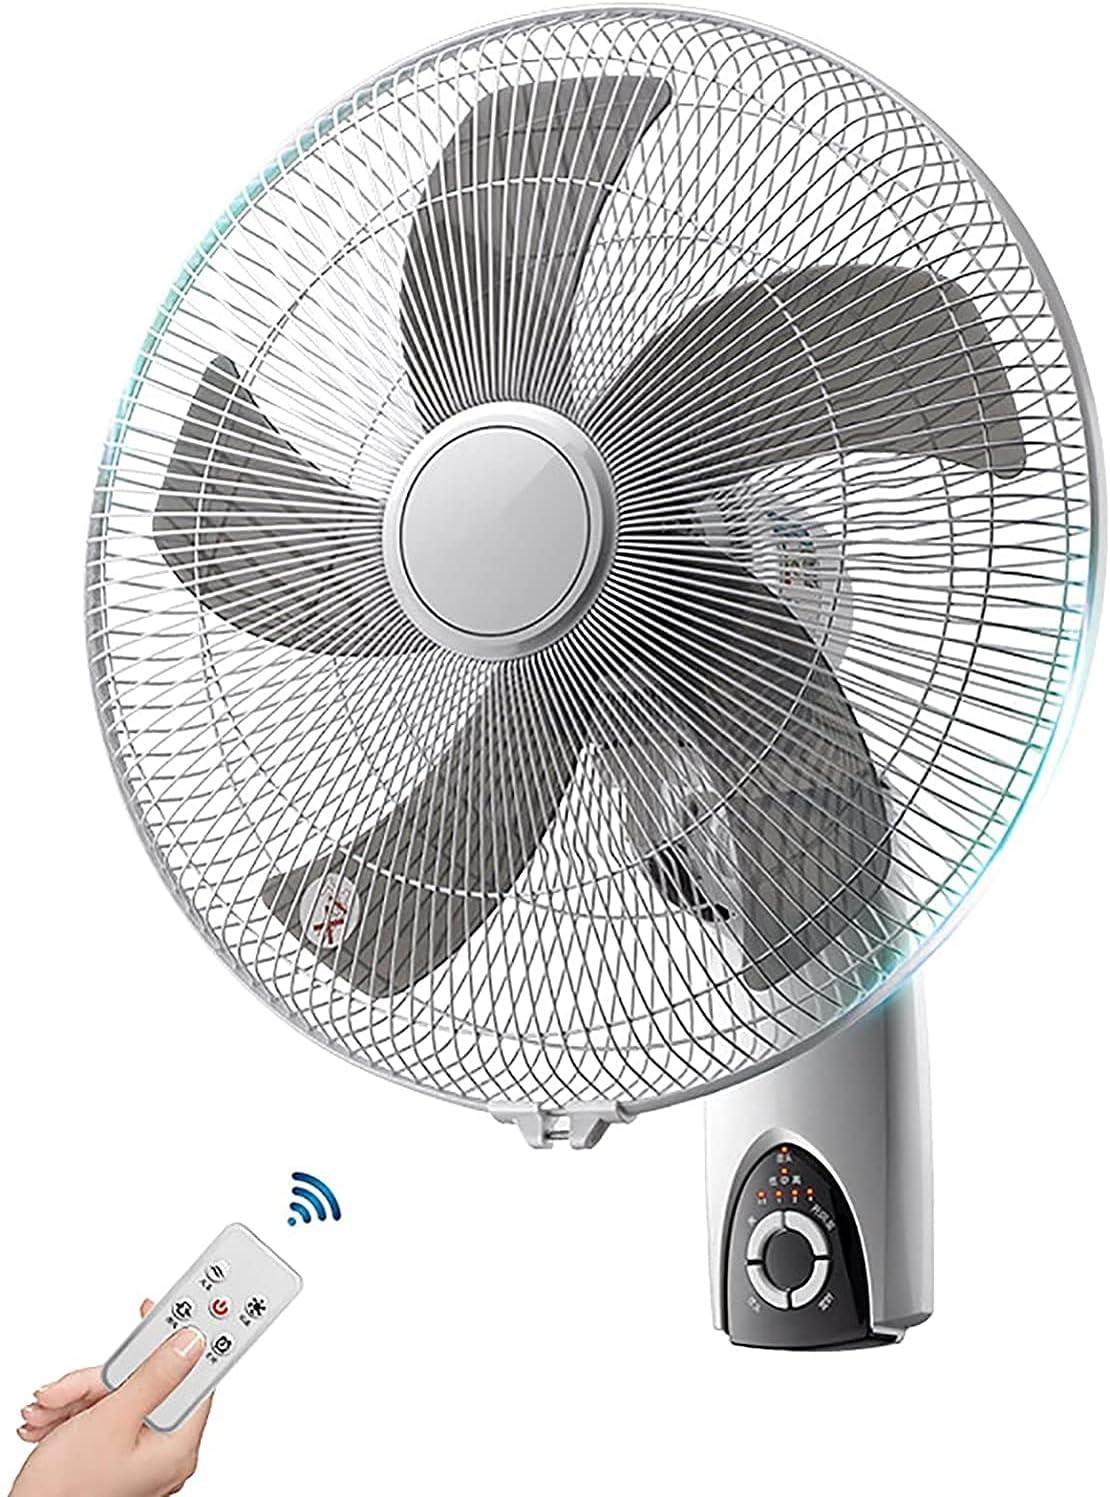 HTDHS Ventilador eléctrico de Control Remoto de Alta Velocidad, diseño de Tiempo Inteligente, Oficina de 16 Pulgadas para el hogar de la Pared de la Pared de la Pared del Viento Giratorio